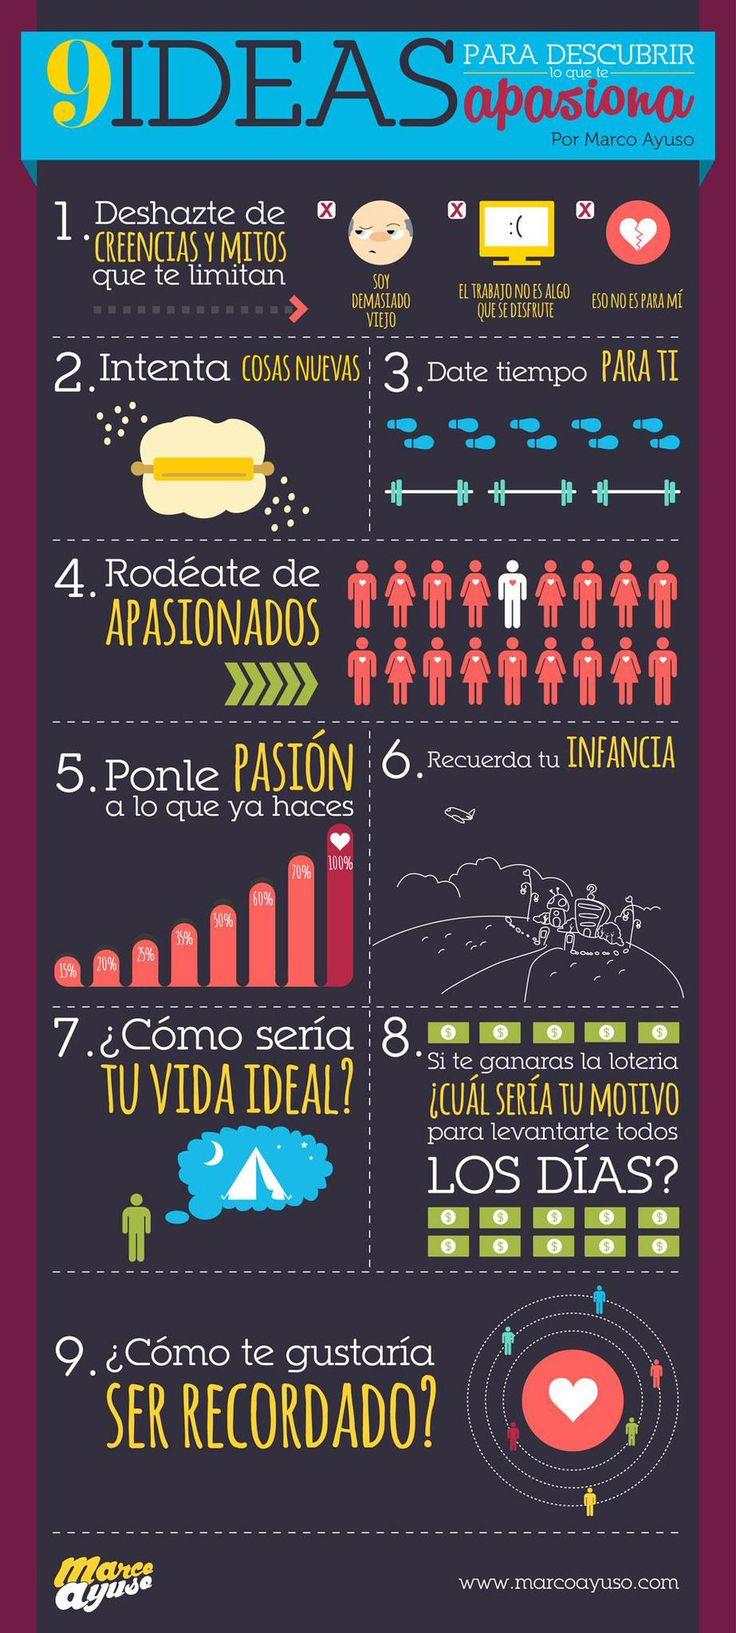 Hola: Una infografía con 9 ideas para descubrir que te apasiona. Un saludo